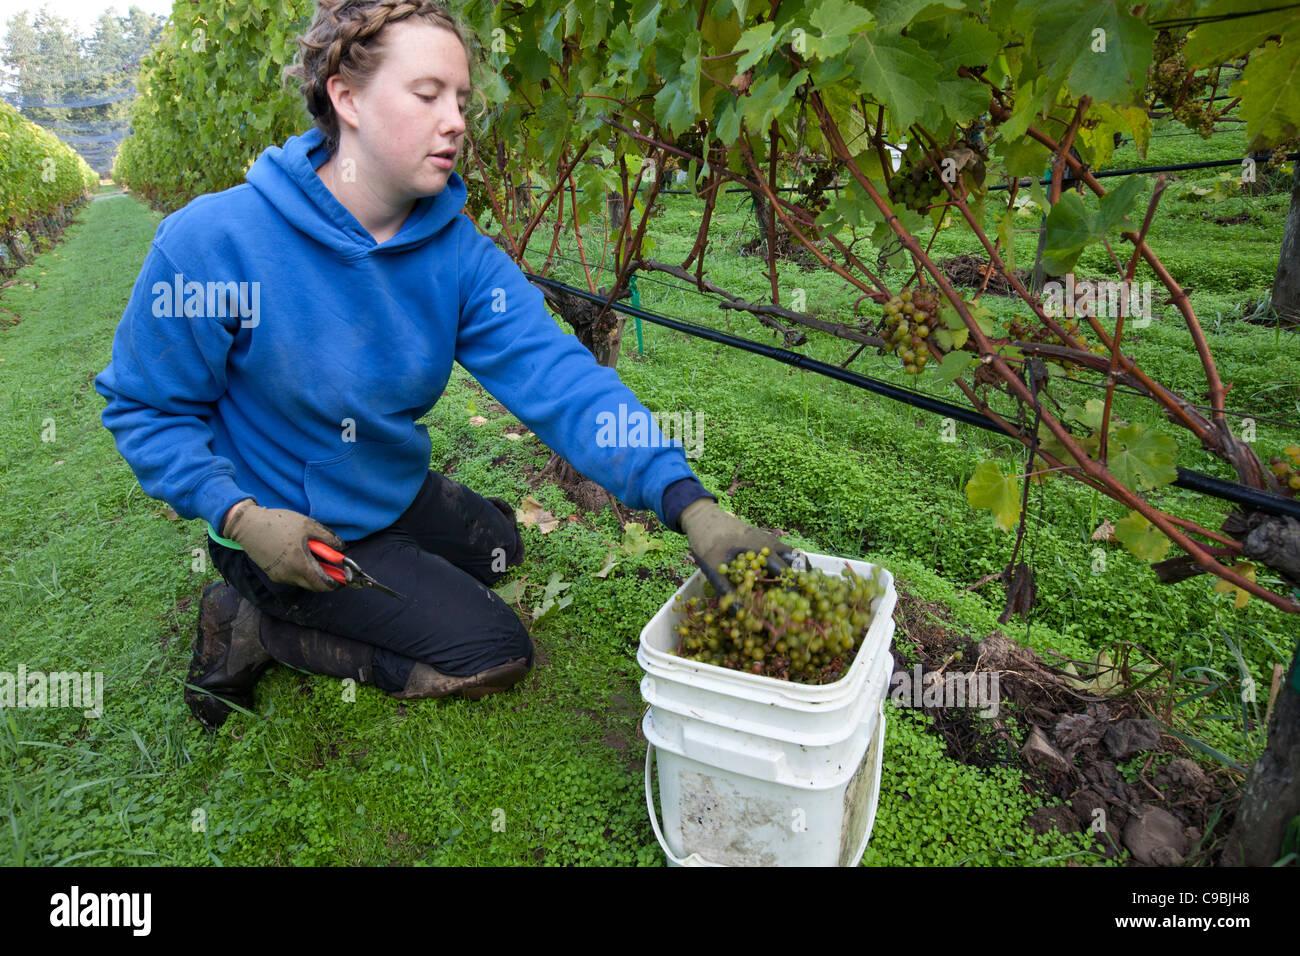 Donna raccogliere le uve per la produzione del vino. Immagini Stock